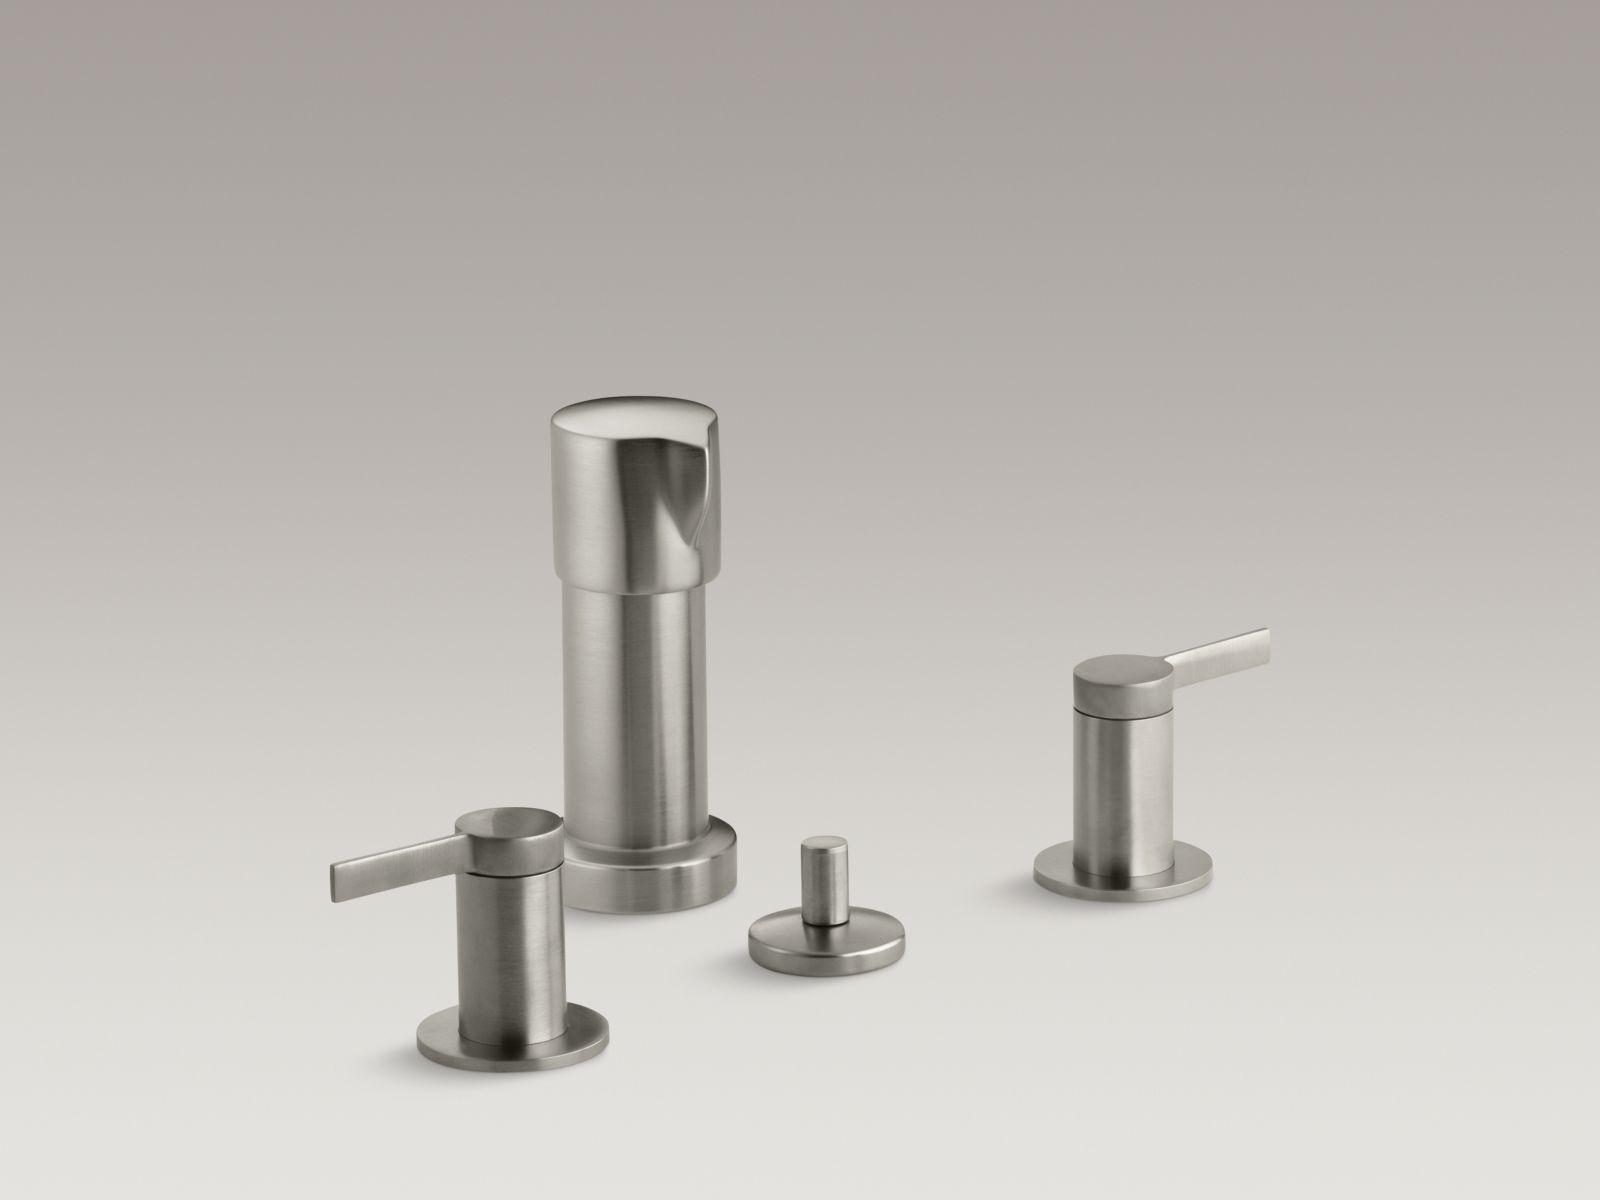 Kohler K-960-4-BN Stillness Vertical Spray Bidet Faucet with Lever Handles Brushed Nickel